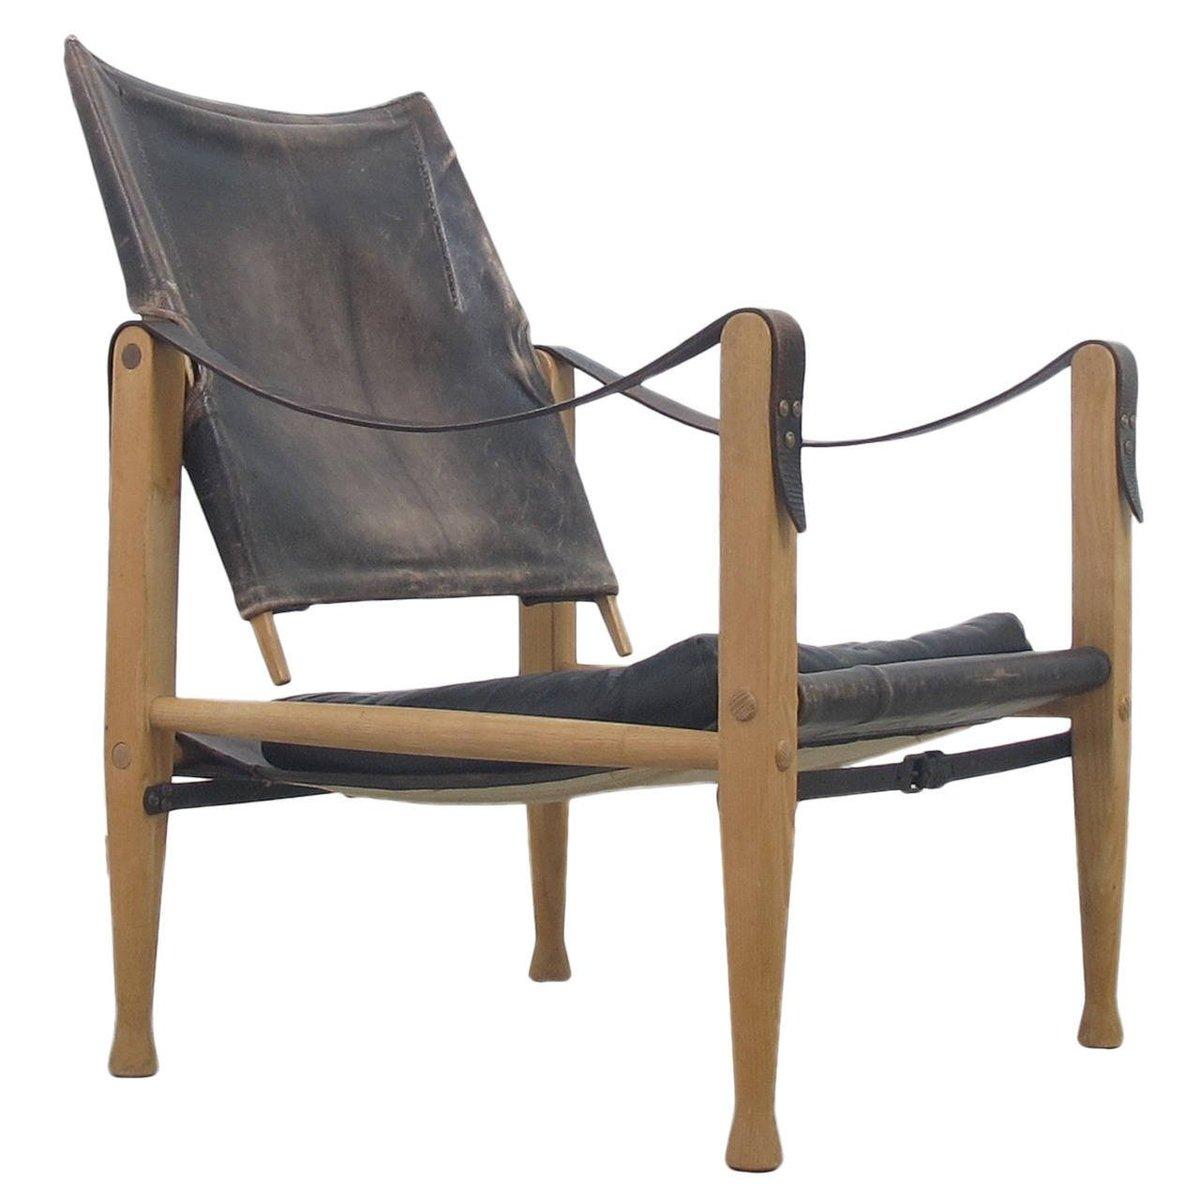 Vintage Safari Chair by Kaare Klint for Rud Rasmussen for